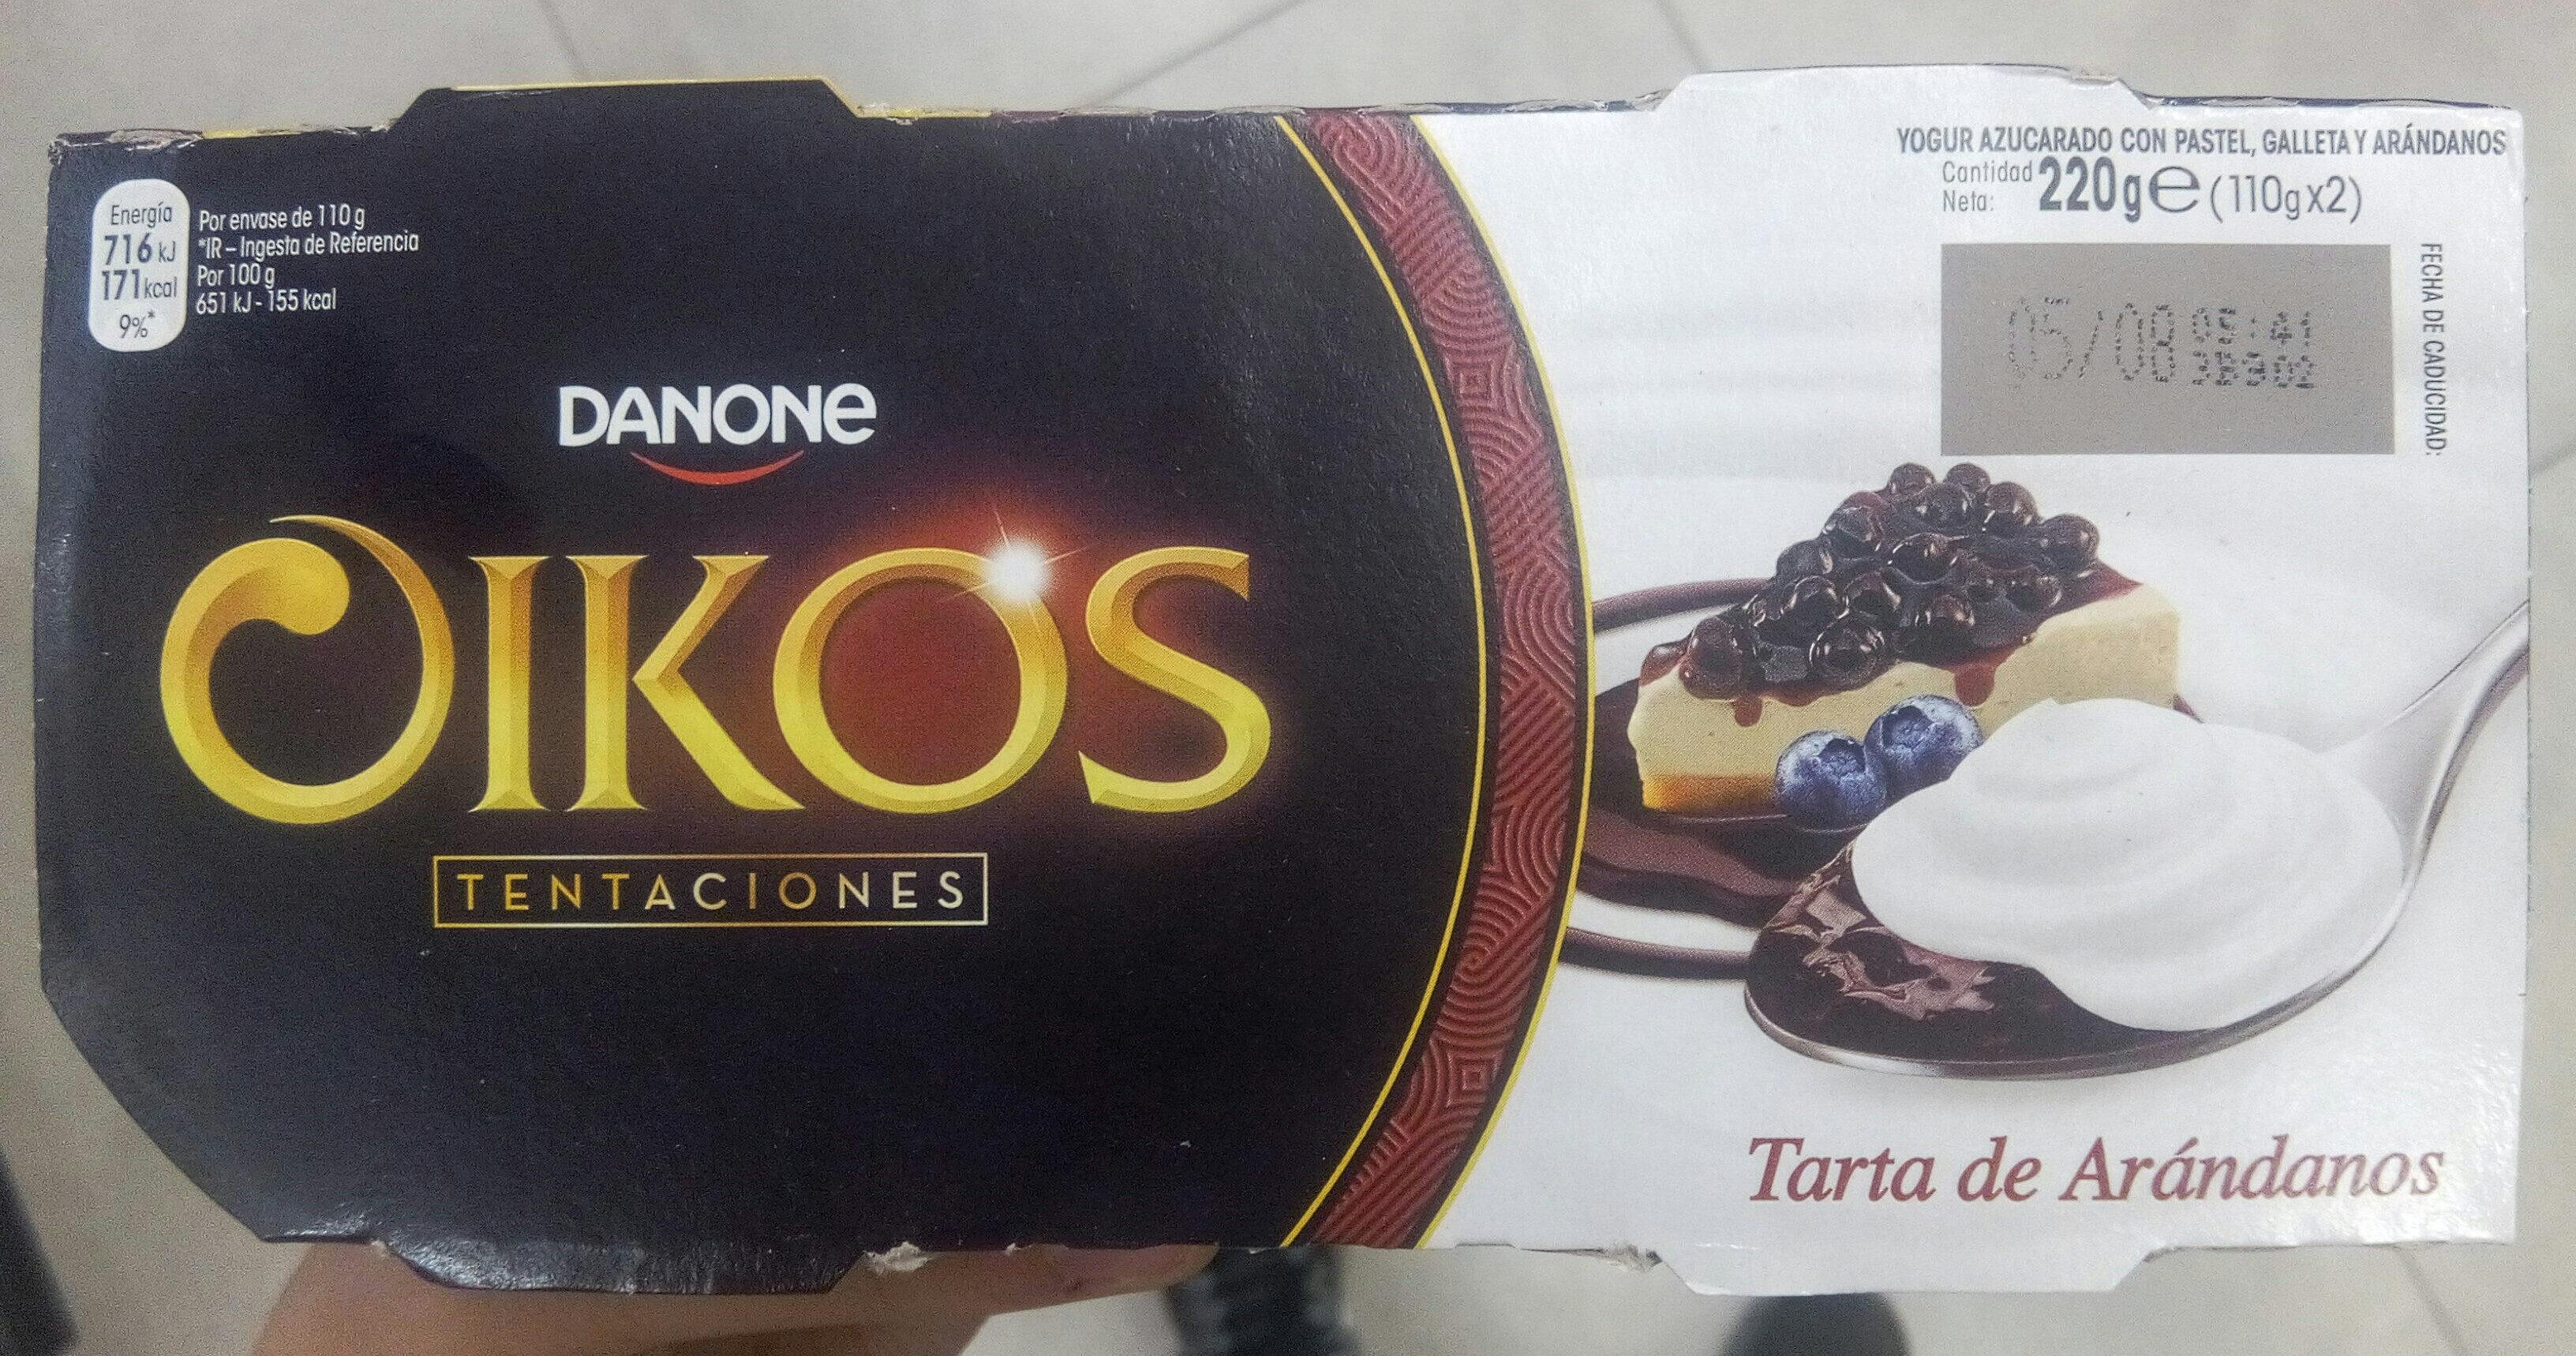 Oikos tentaciones tarta de arándanos - Produkt - es